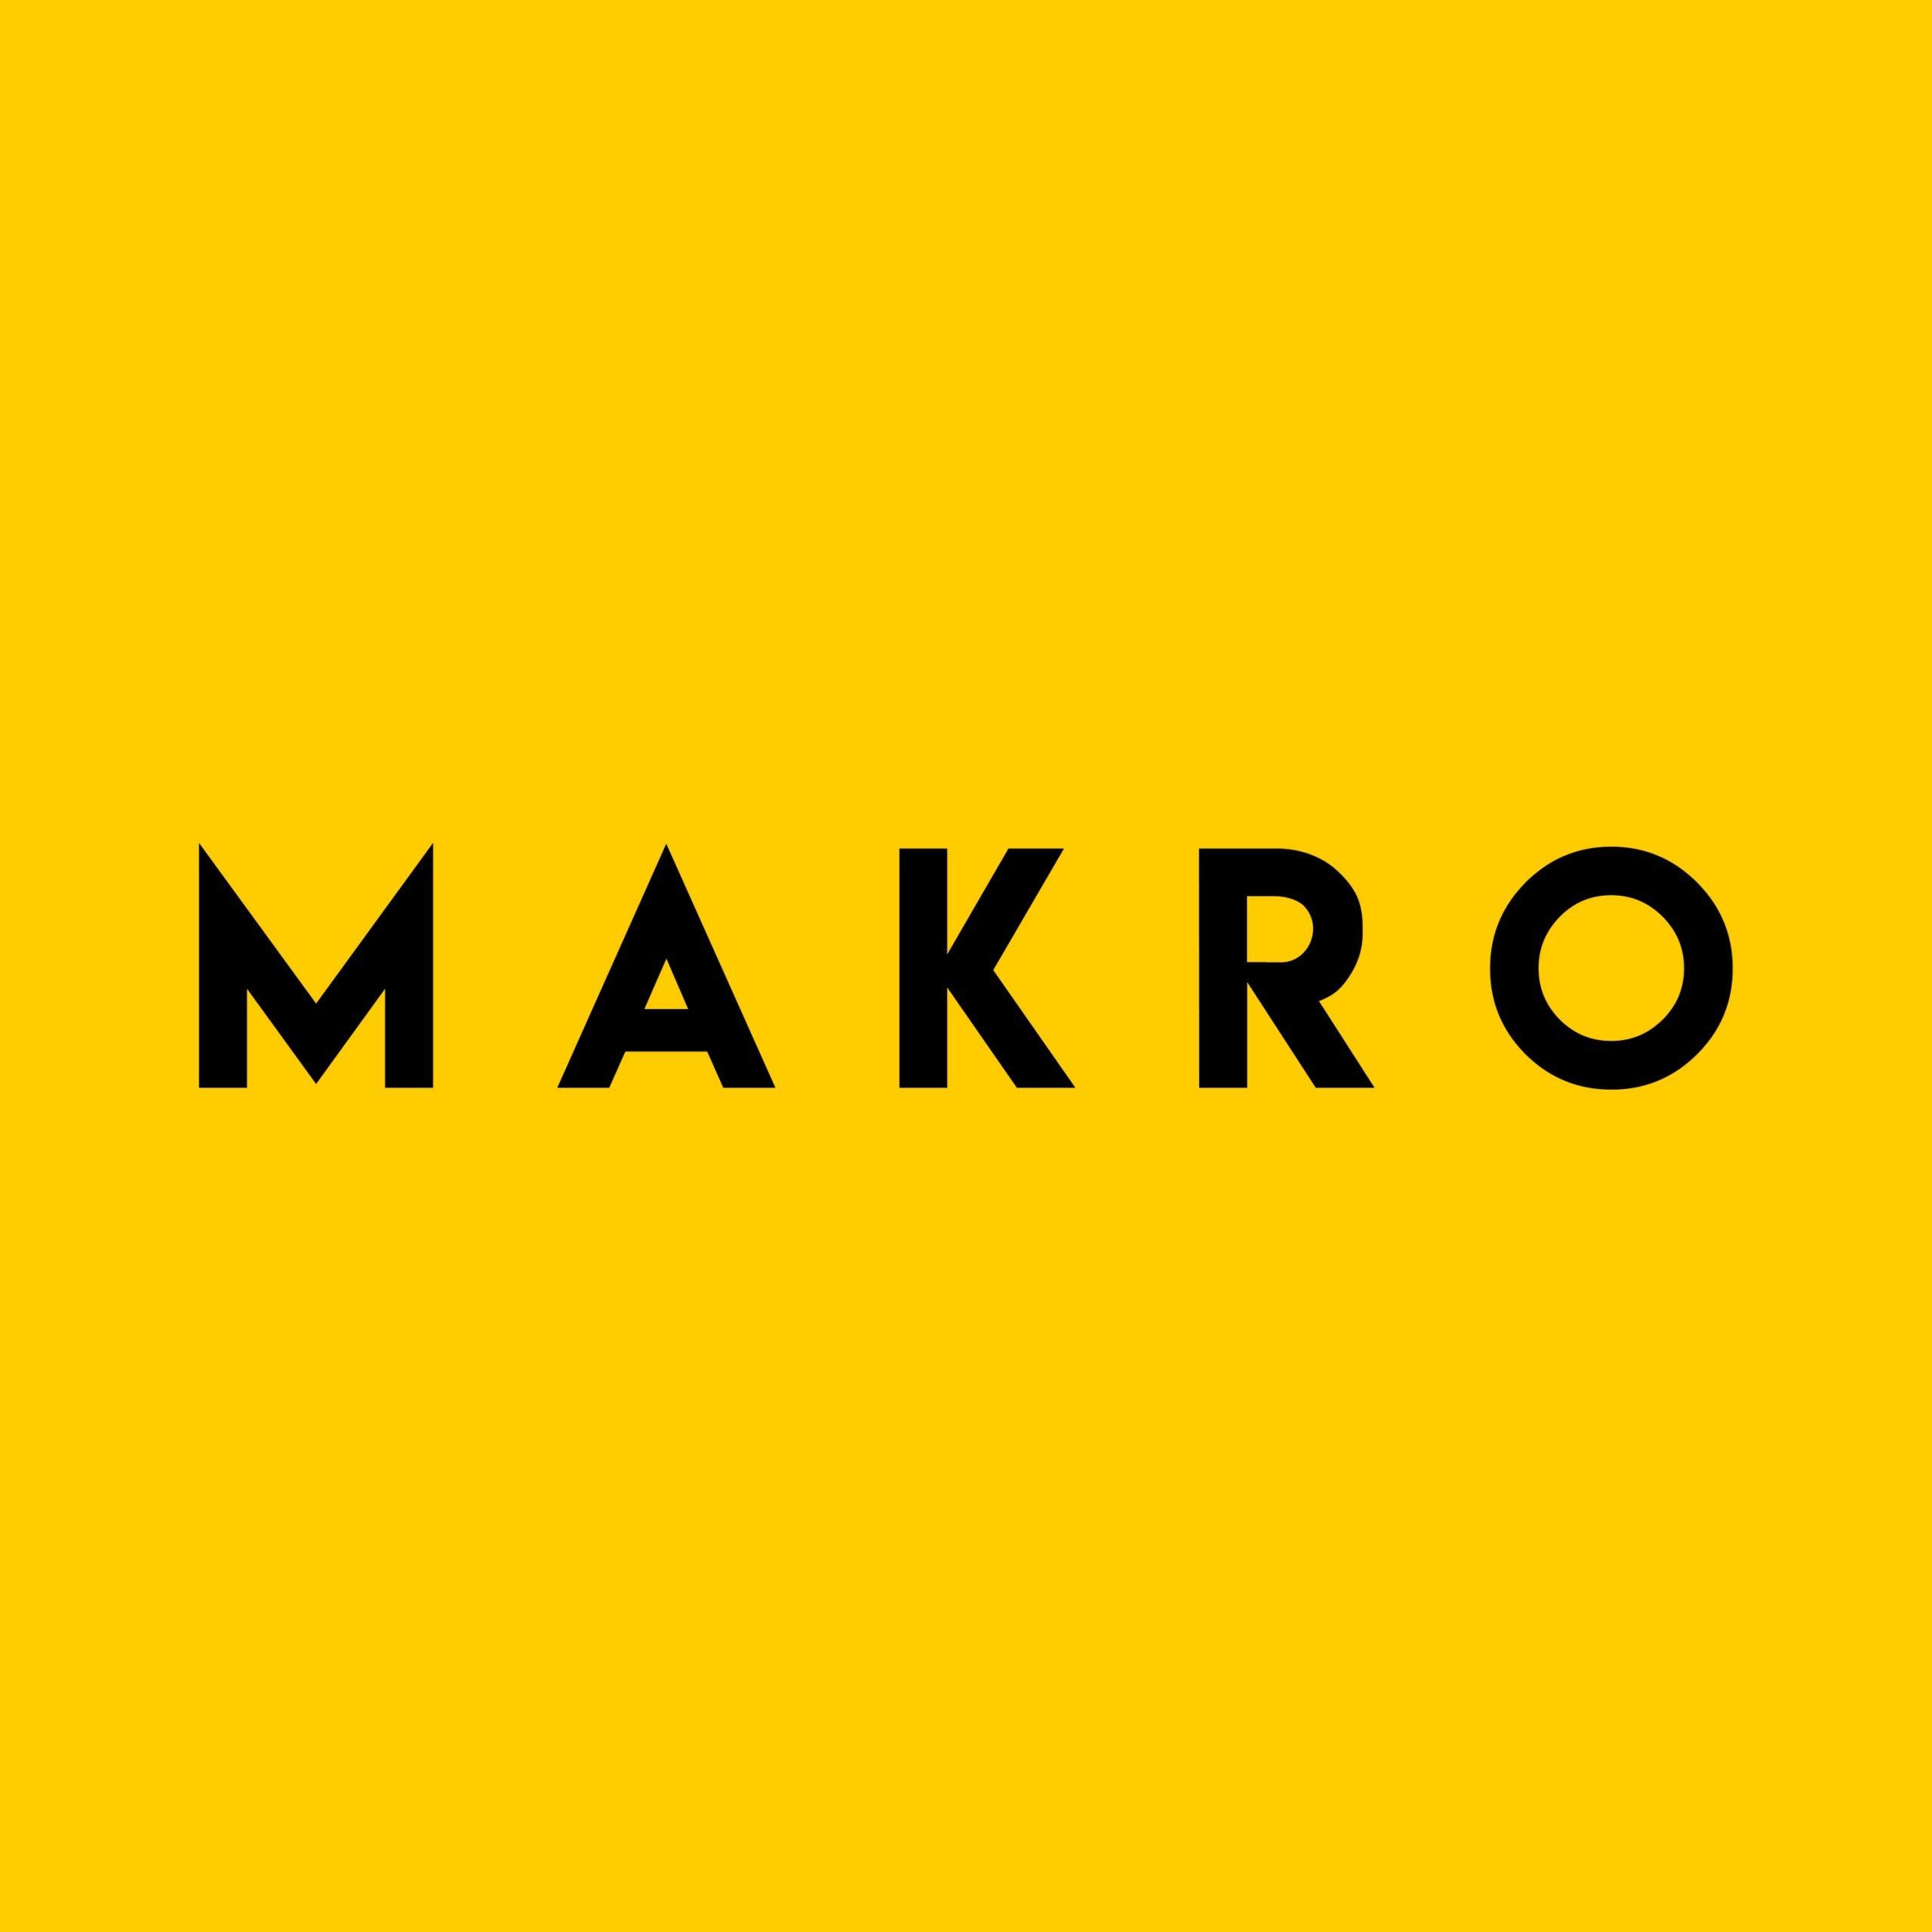 Makro Dergi Dijital Dergi Logosu